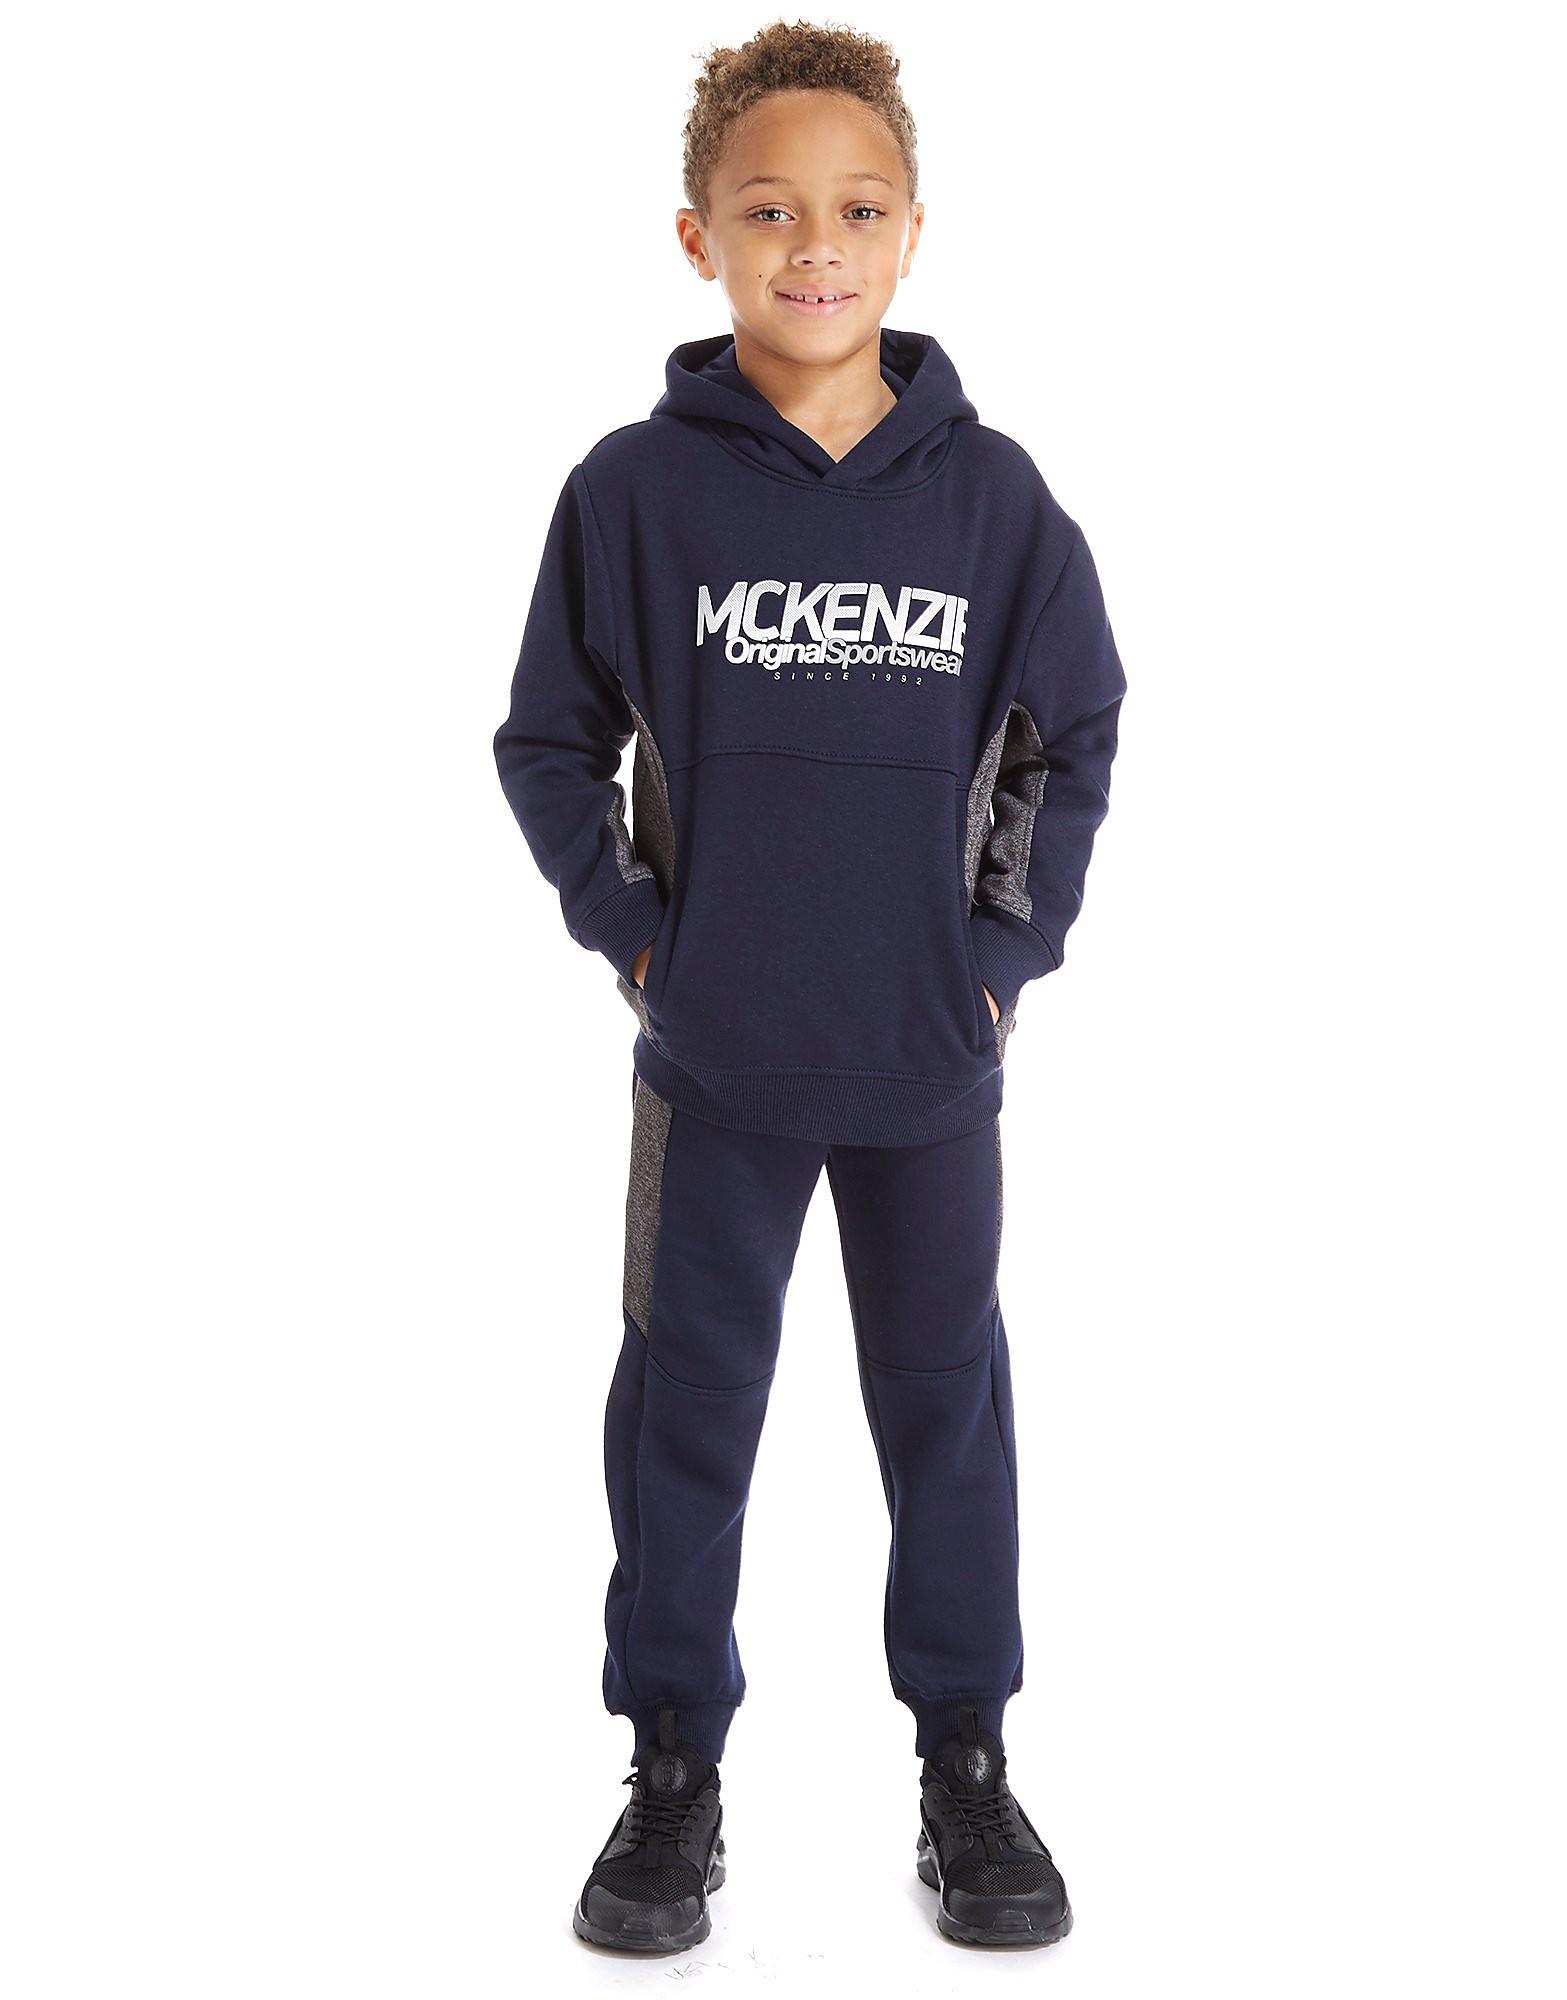 McKenzie Hopper Fleece Suit Childrens